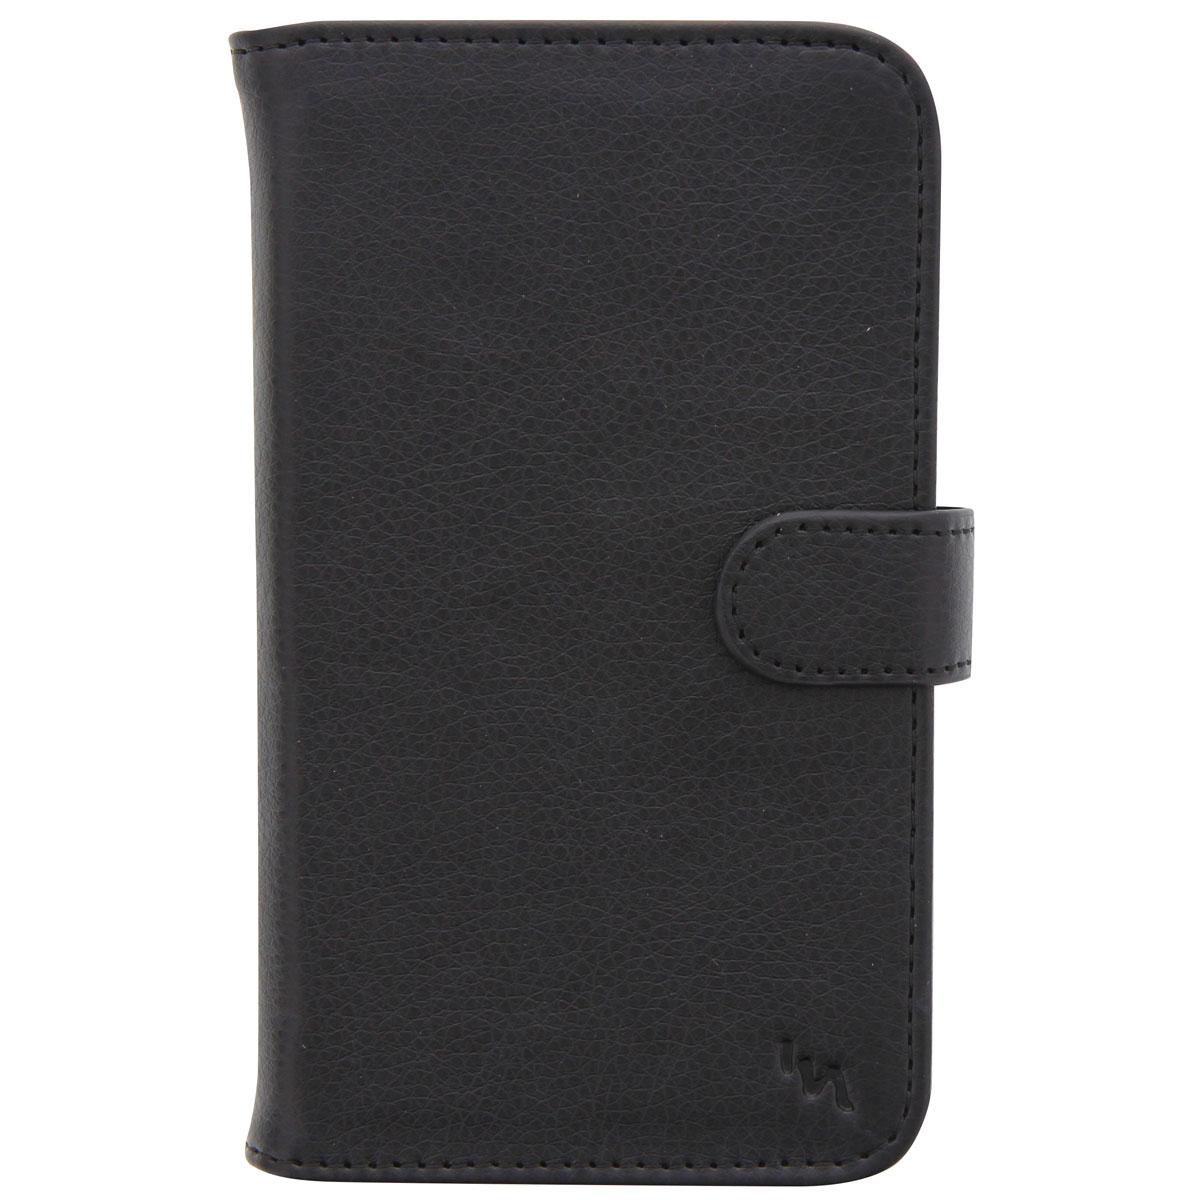 TNB UPFOLBKL чехол-книжка, BlackUPFOLBKLУниверсальный чехол-книжка TNB UPFOLBKL для смартфонов с диагональю до 5,7 - это стильный и лаконичный аксессуар, позволяющий сохранить устройство в идеальном состоянии. Надежно удерживая технику, чехол защищает корпус и дисплей от появления царапин, налипания пыли. Имеет свободный доступ ко всем разъемам устройства.